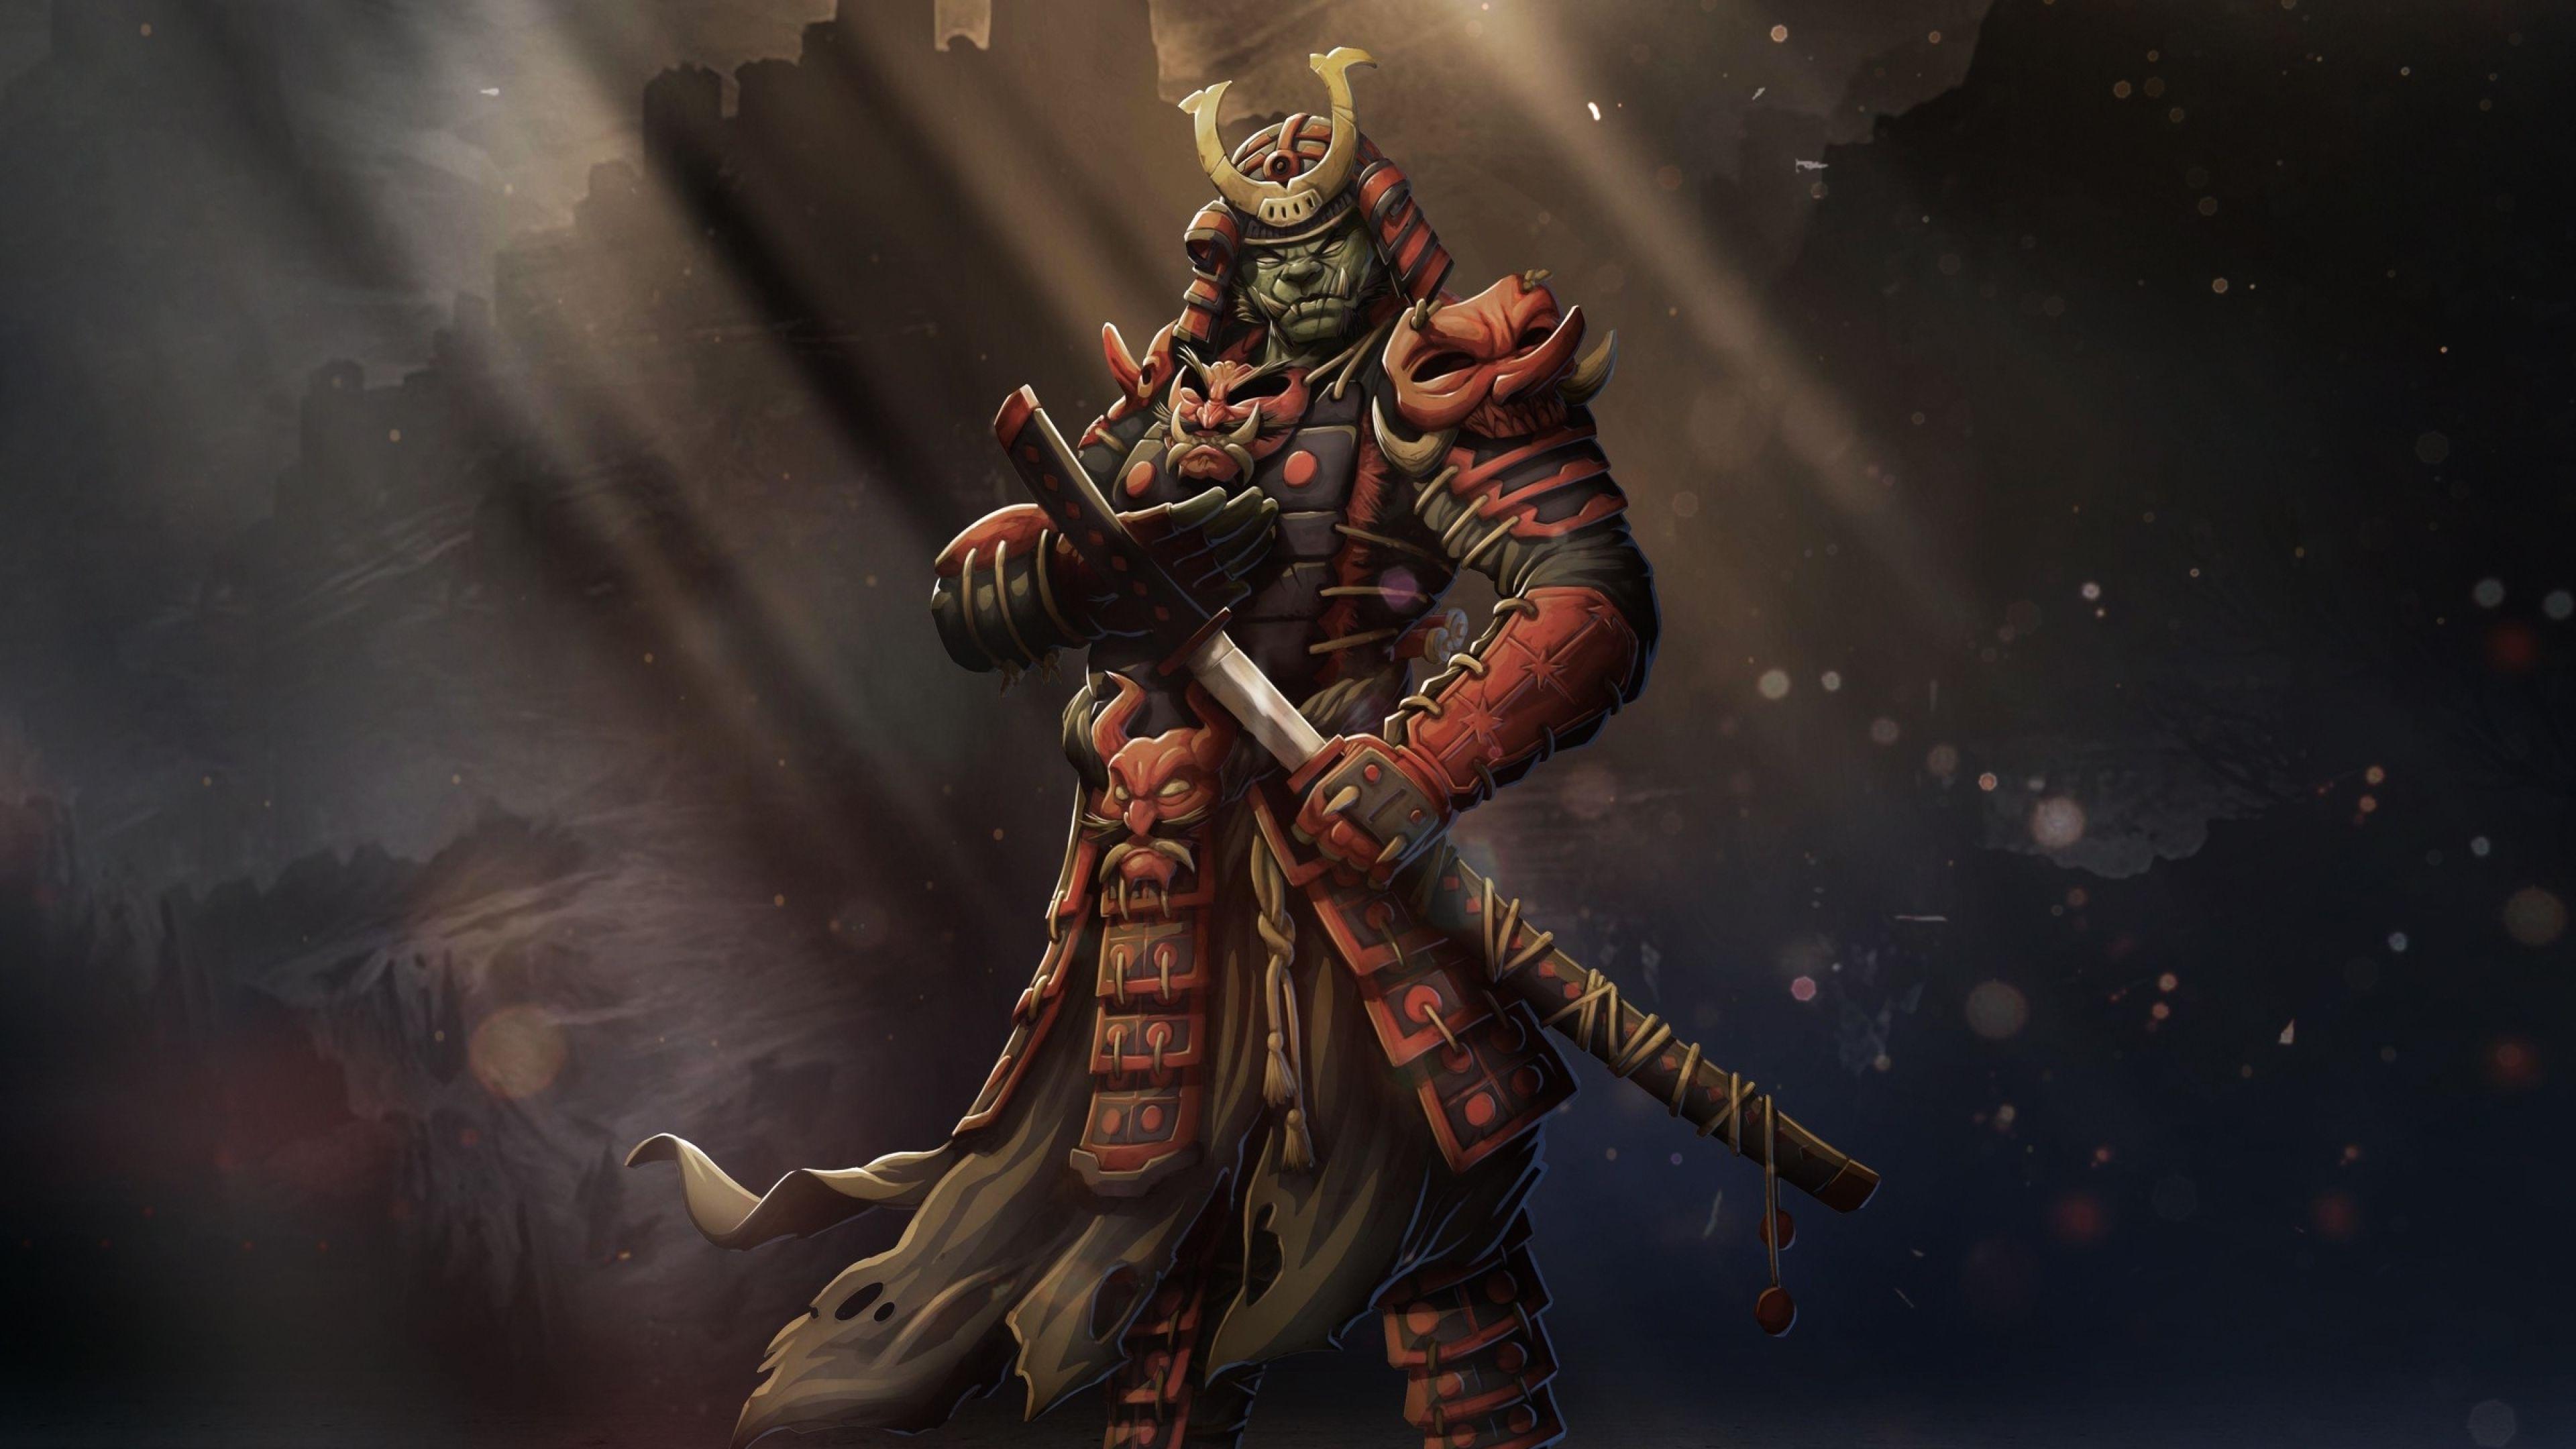 Samurai 4k Wallpapers - Wallpaper Cave